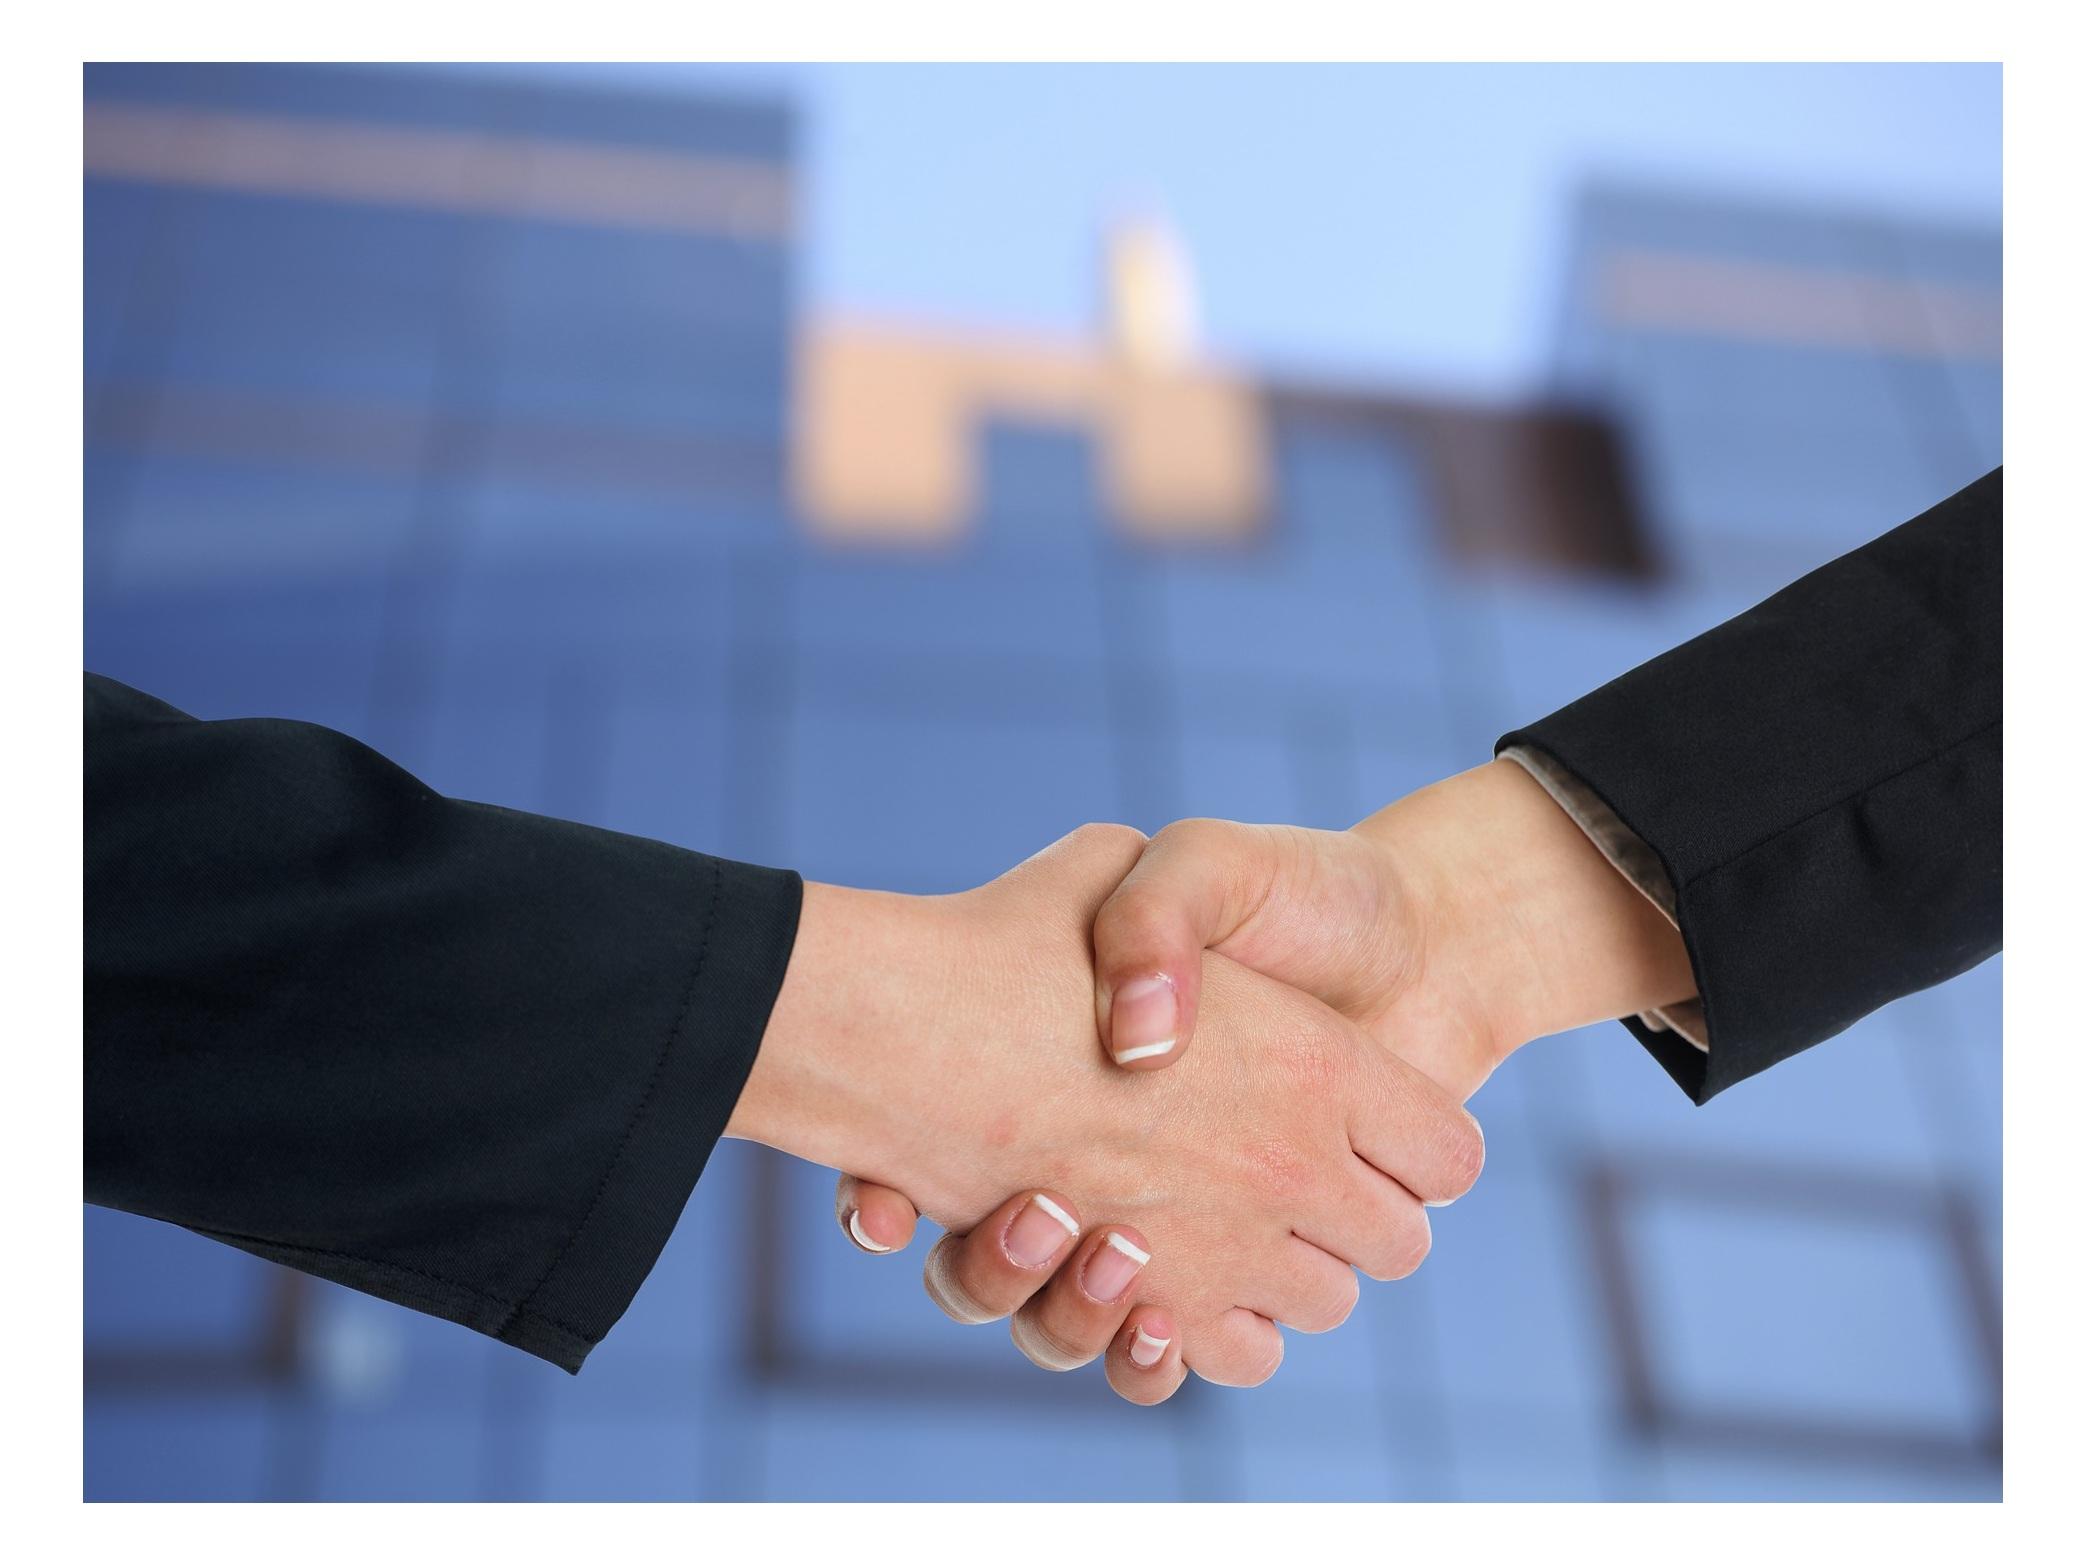 qué es una iguala - Es un acuerdo entre una persona (física o jurídica) con nuestro despacho que te asegura tener disponible nuestros servicios cuándo lo necesites.